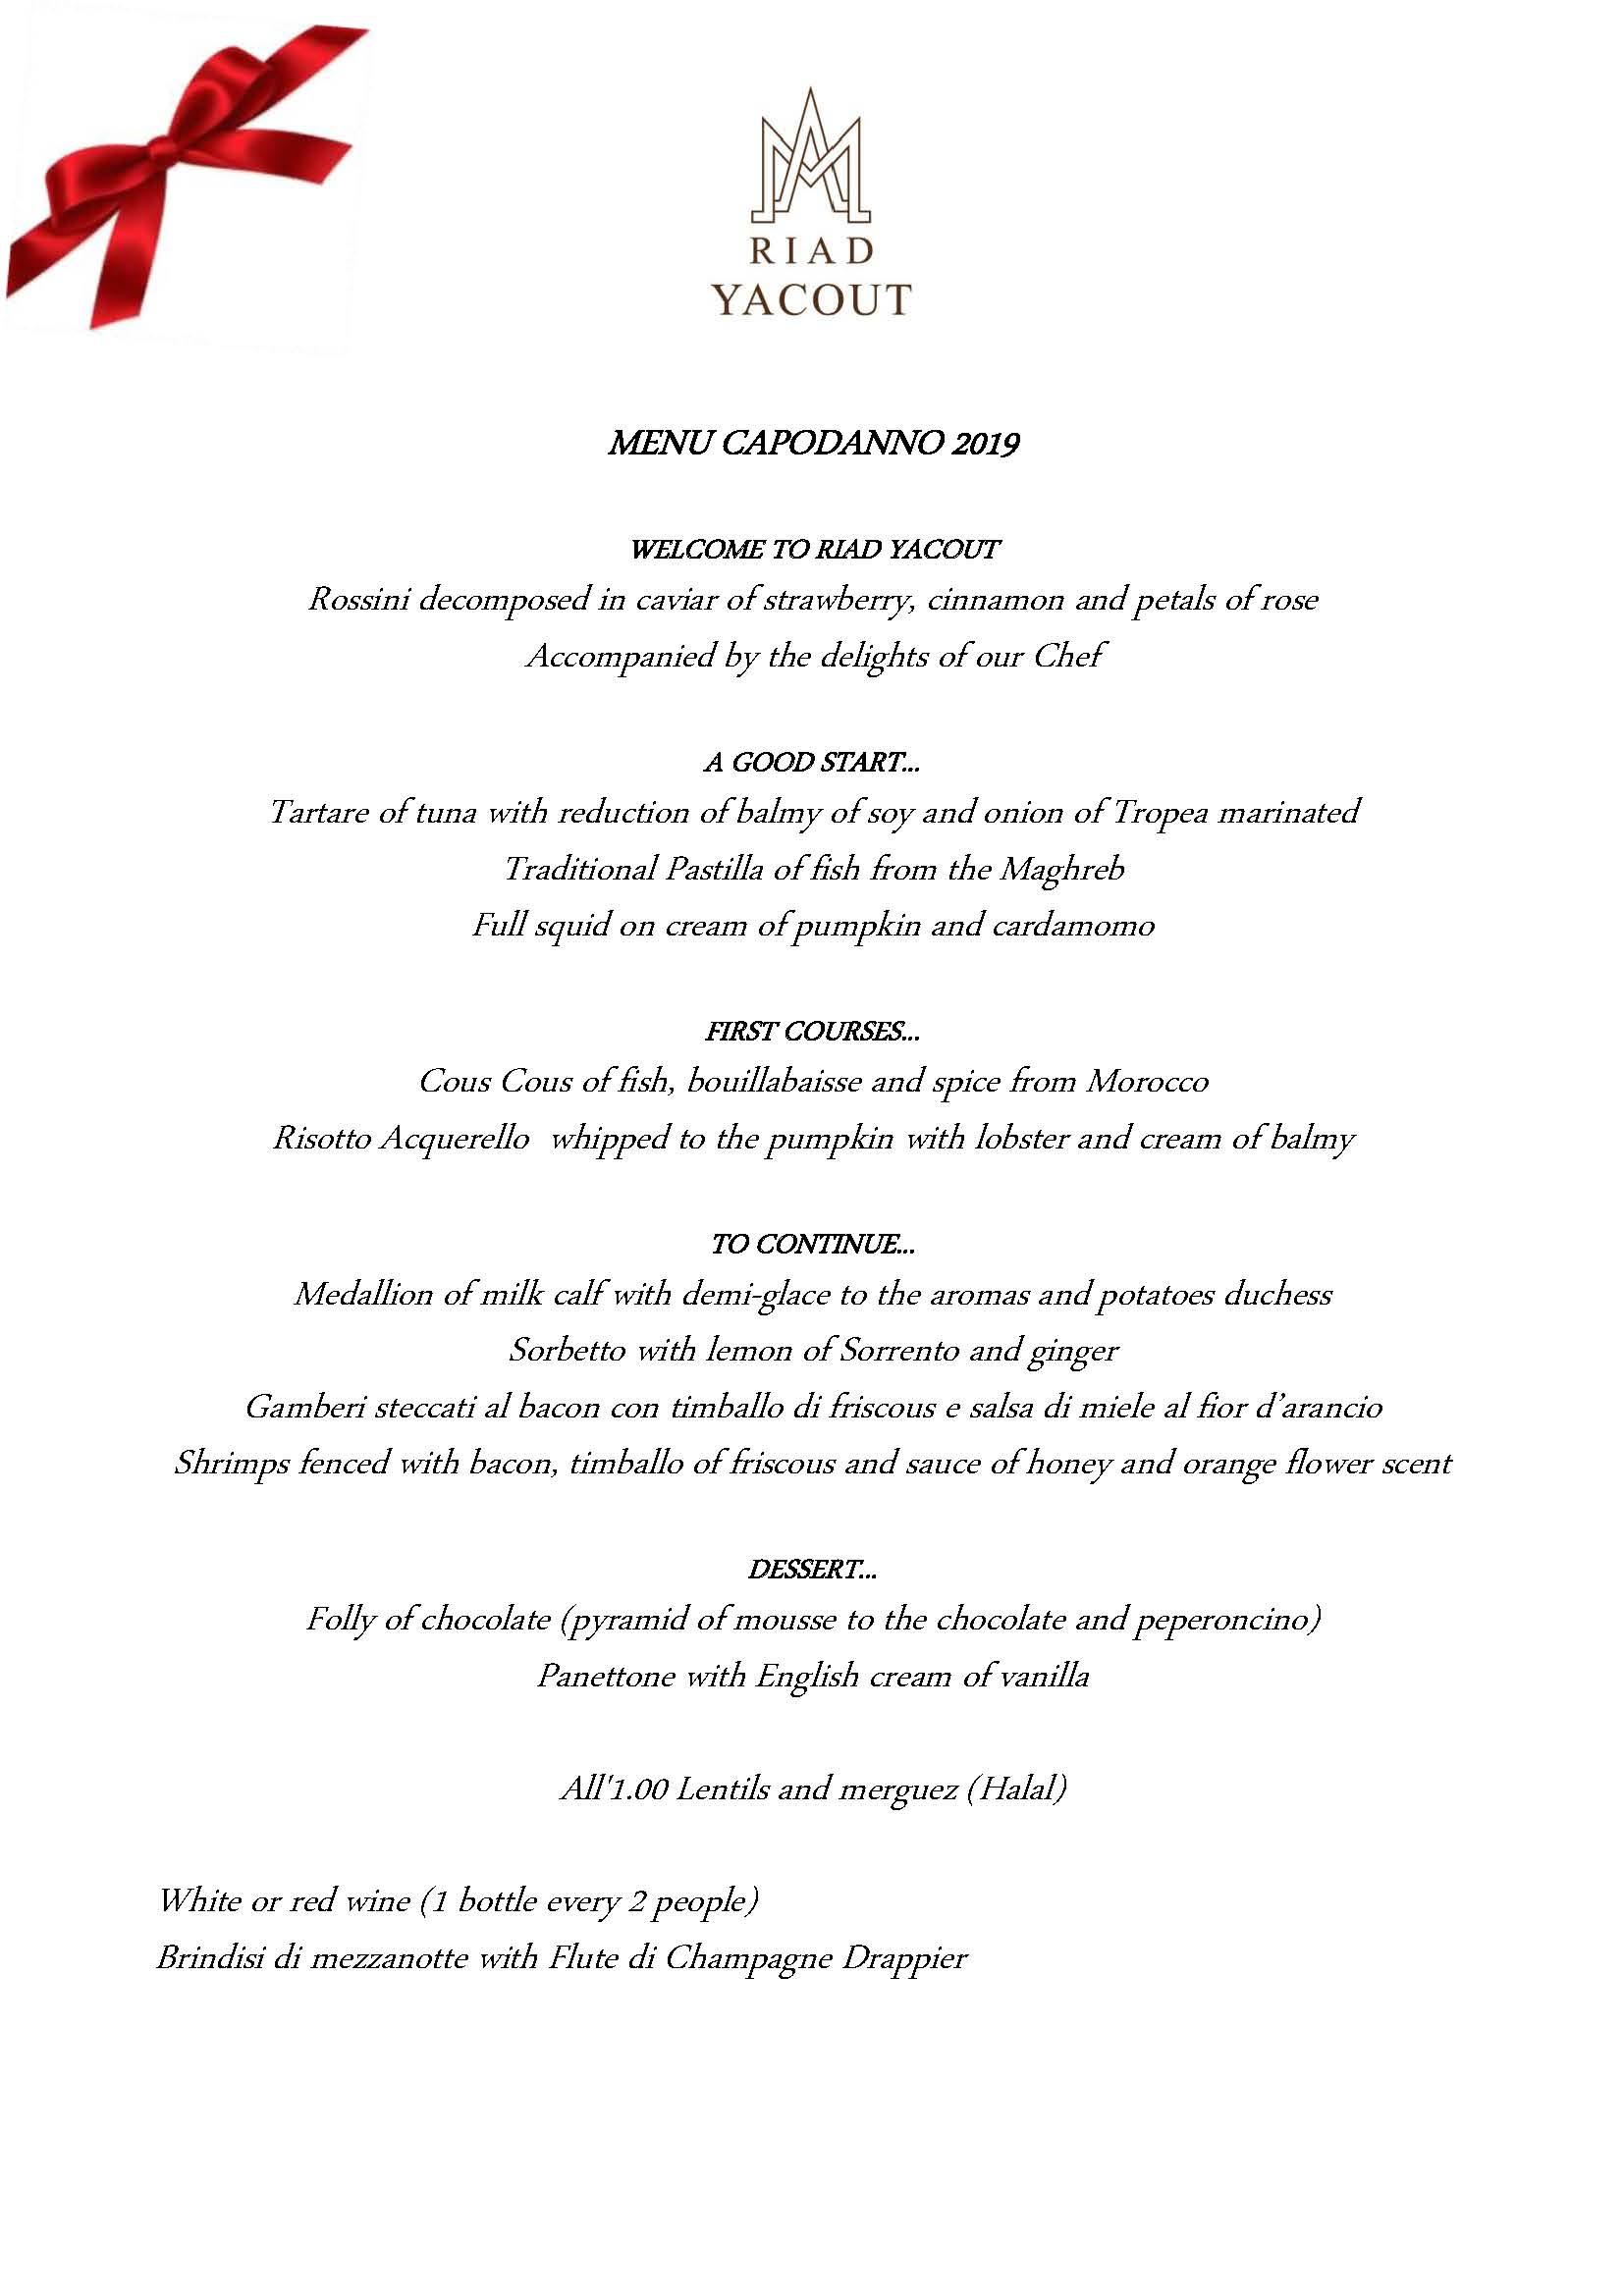 menu-capodanno-2019_inglese